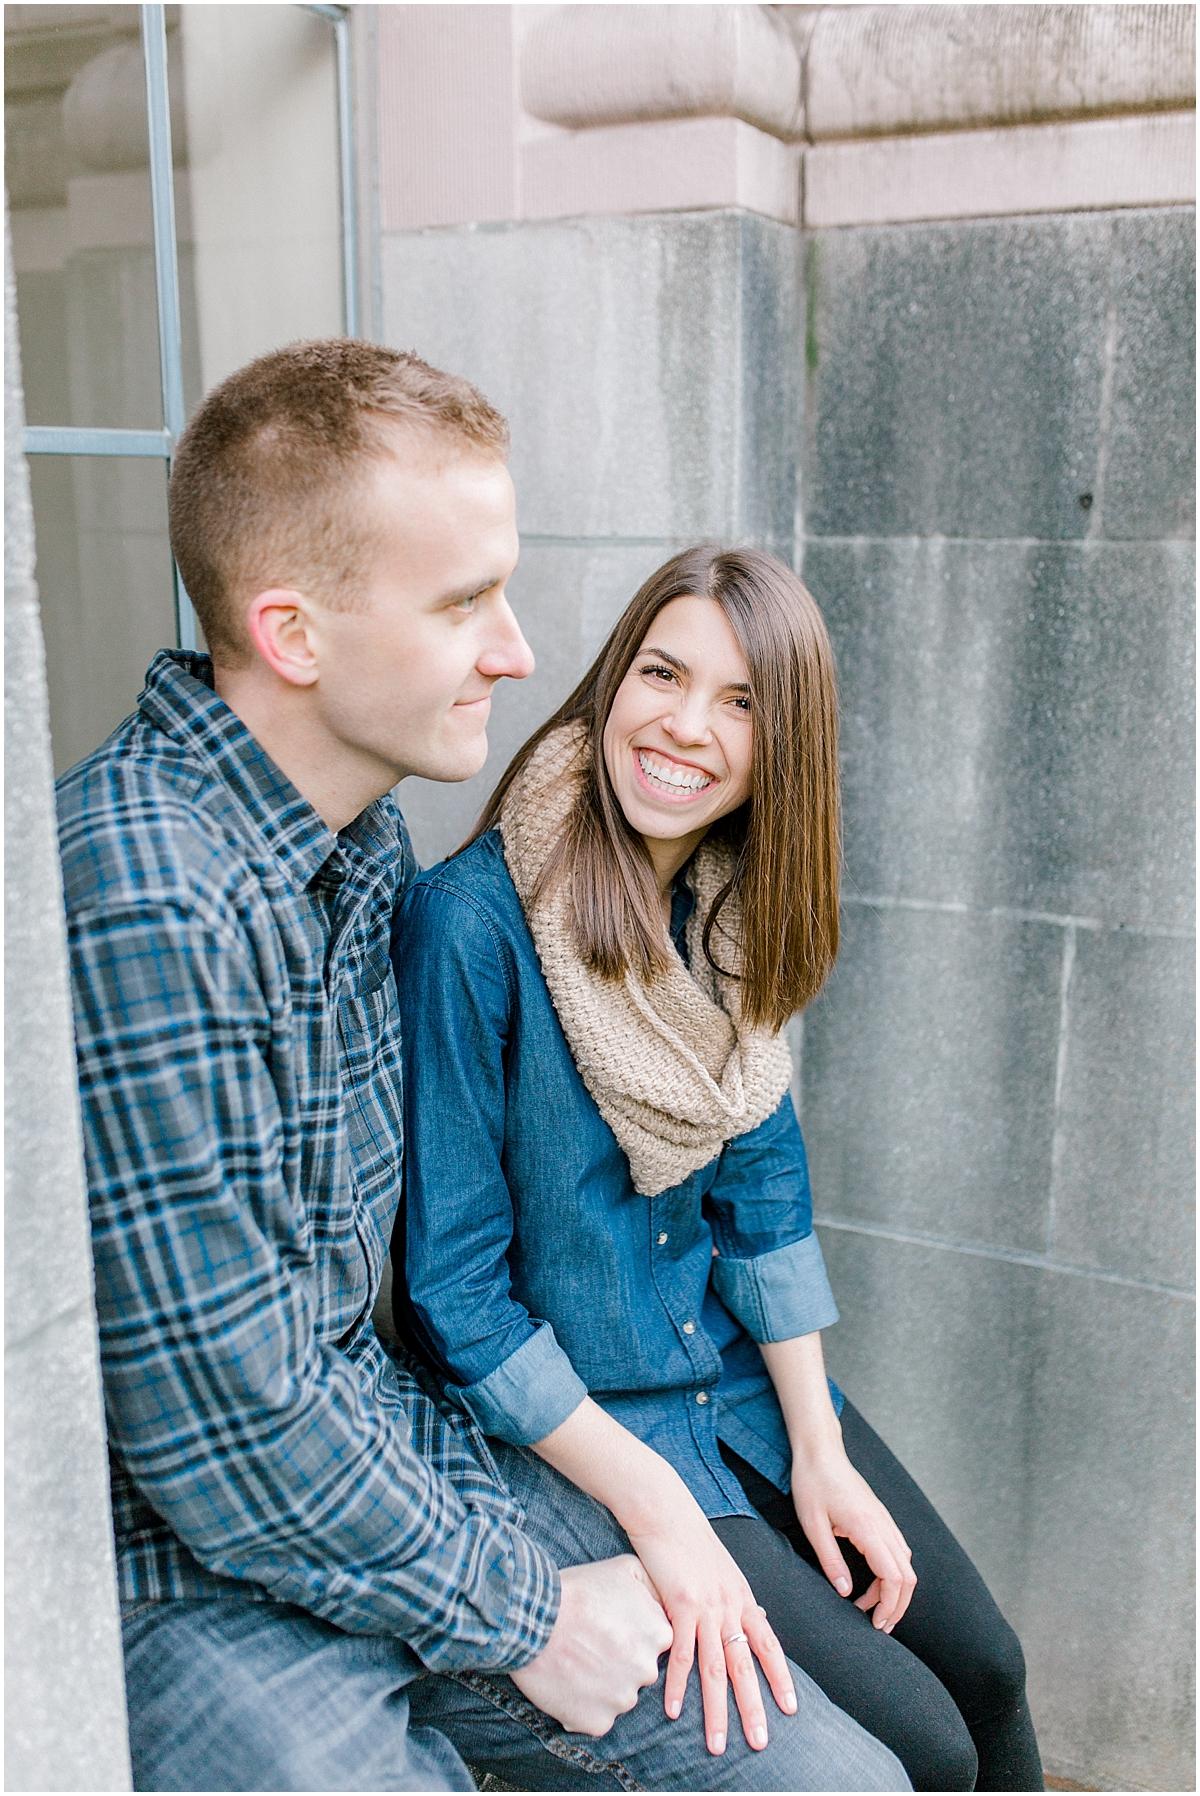 University of Washington Engagement Session | College Campus Photo Session | UW | Seattle Engagement Session | Seattle Wedding Photographer | Emma Rose Company49.jpg